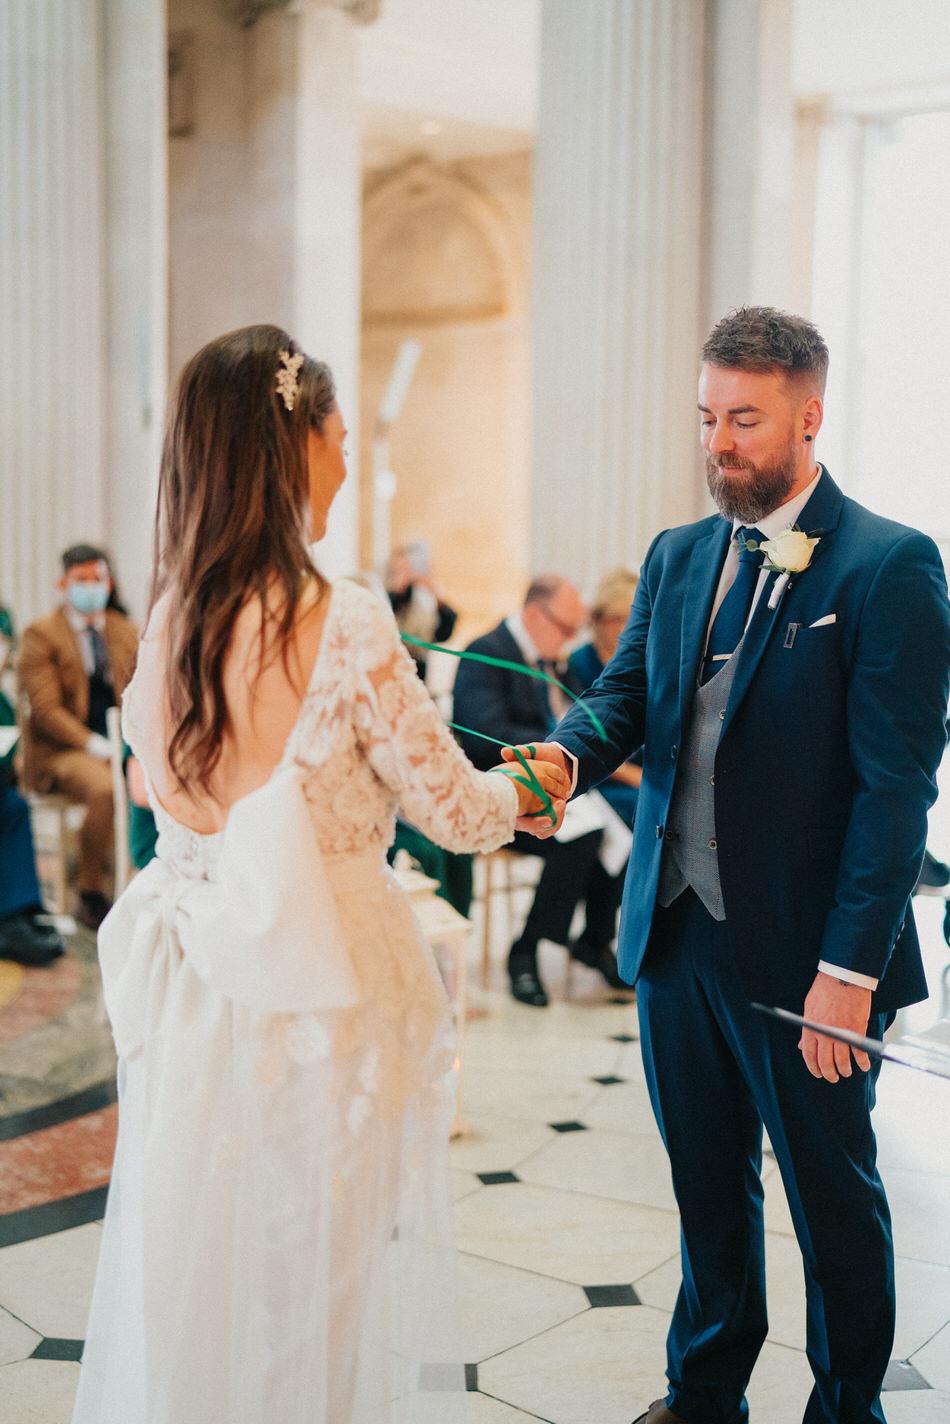 City-hall-dublin-wedding-photos-27 26